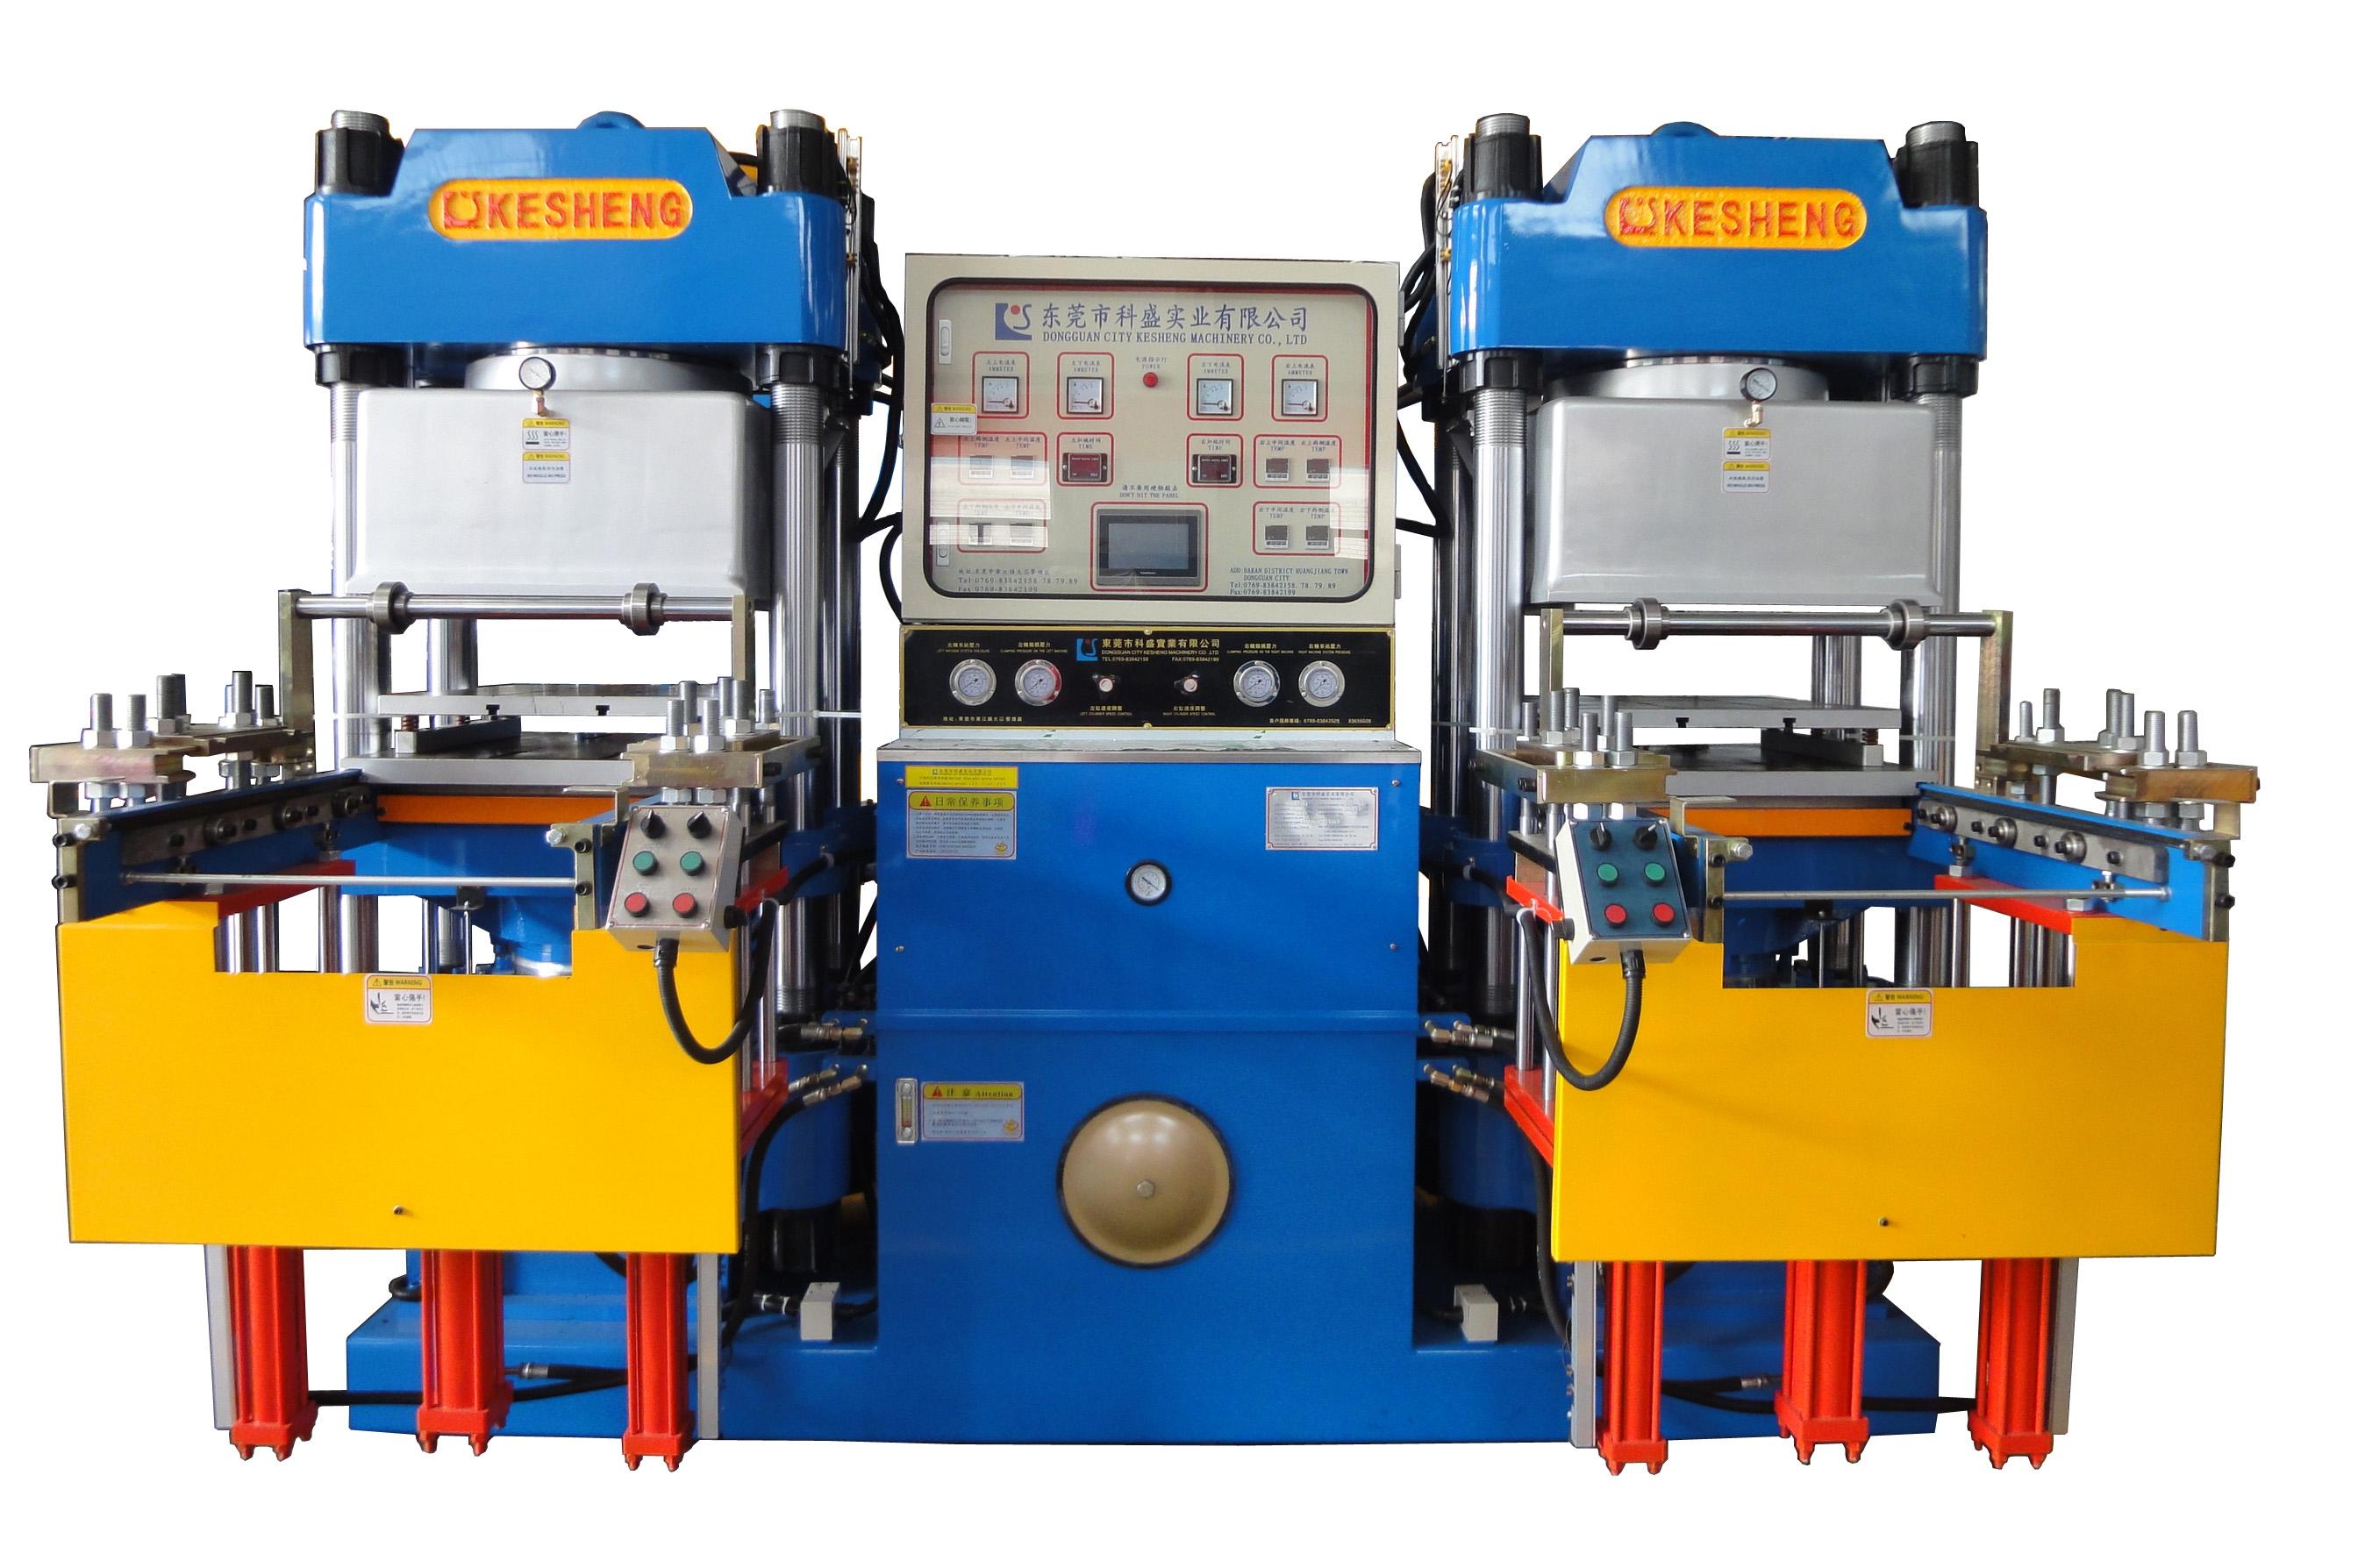 高精密度双油泵全自动快速真空前顶3RT开模油压ope体育注册